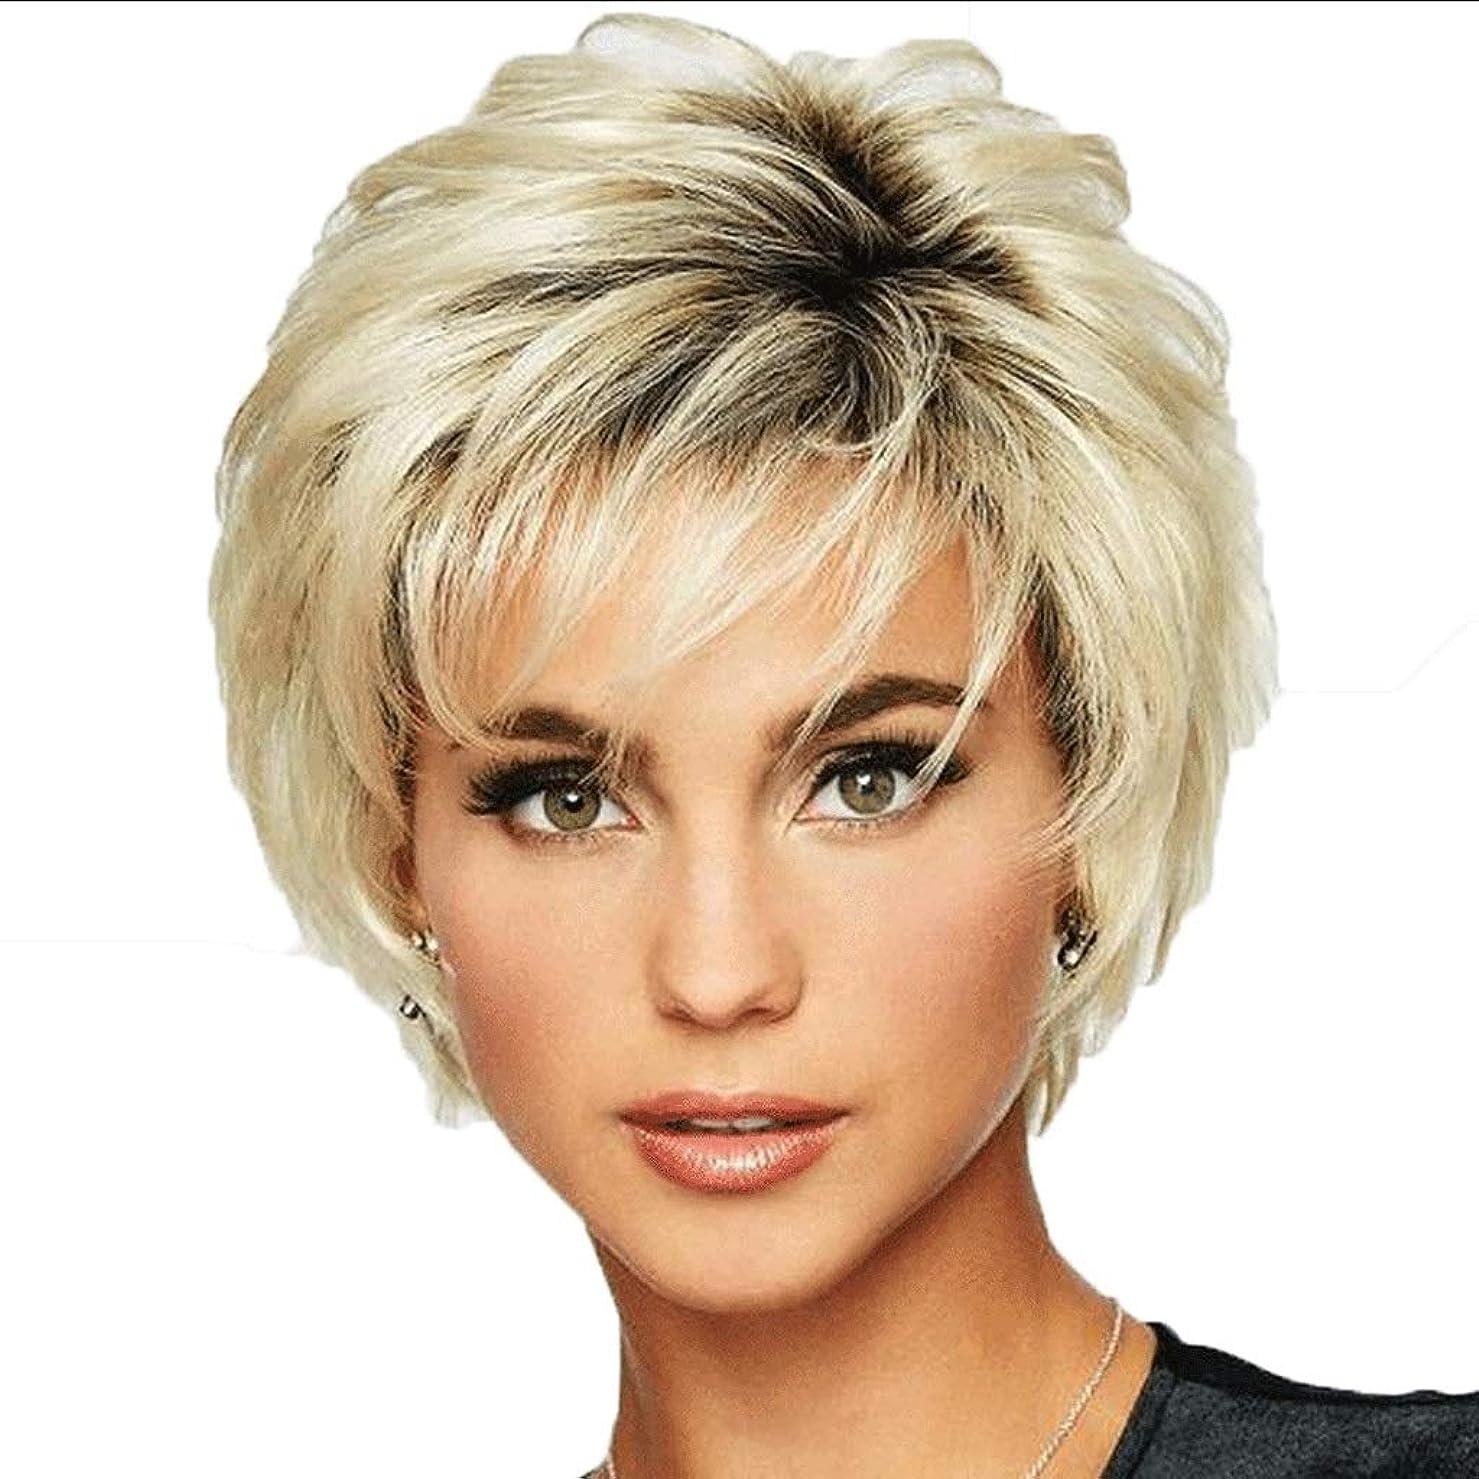 急襲ペインギリック若い女性のための耐熱性スタイリッシュな新しいブロンドの短いわずかなウェーブのかかった髪のかつら (色 : Blond)